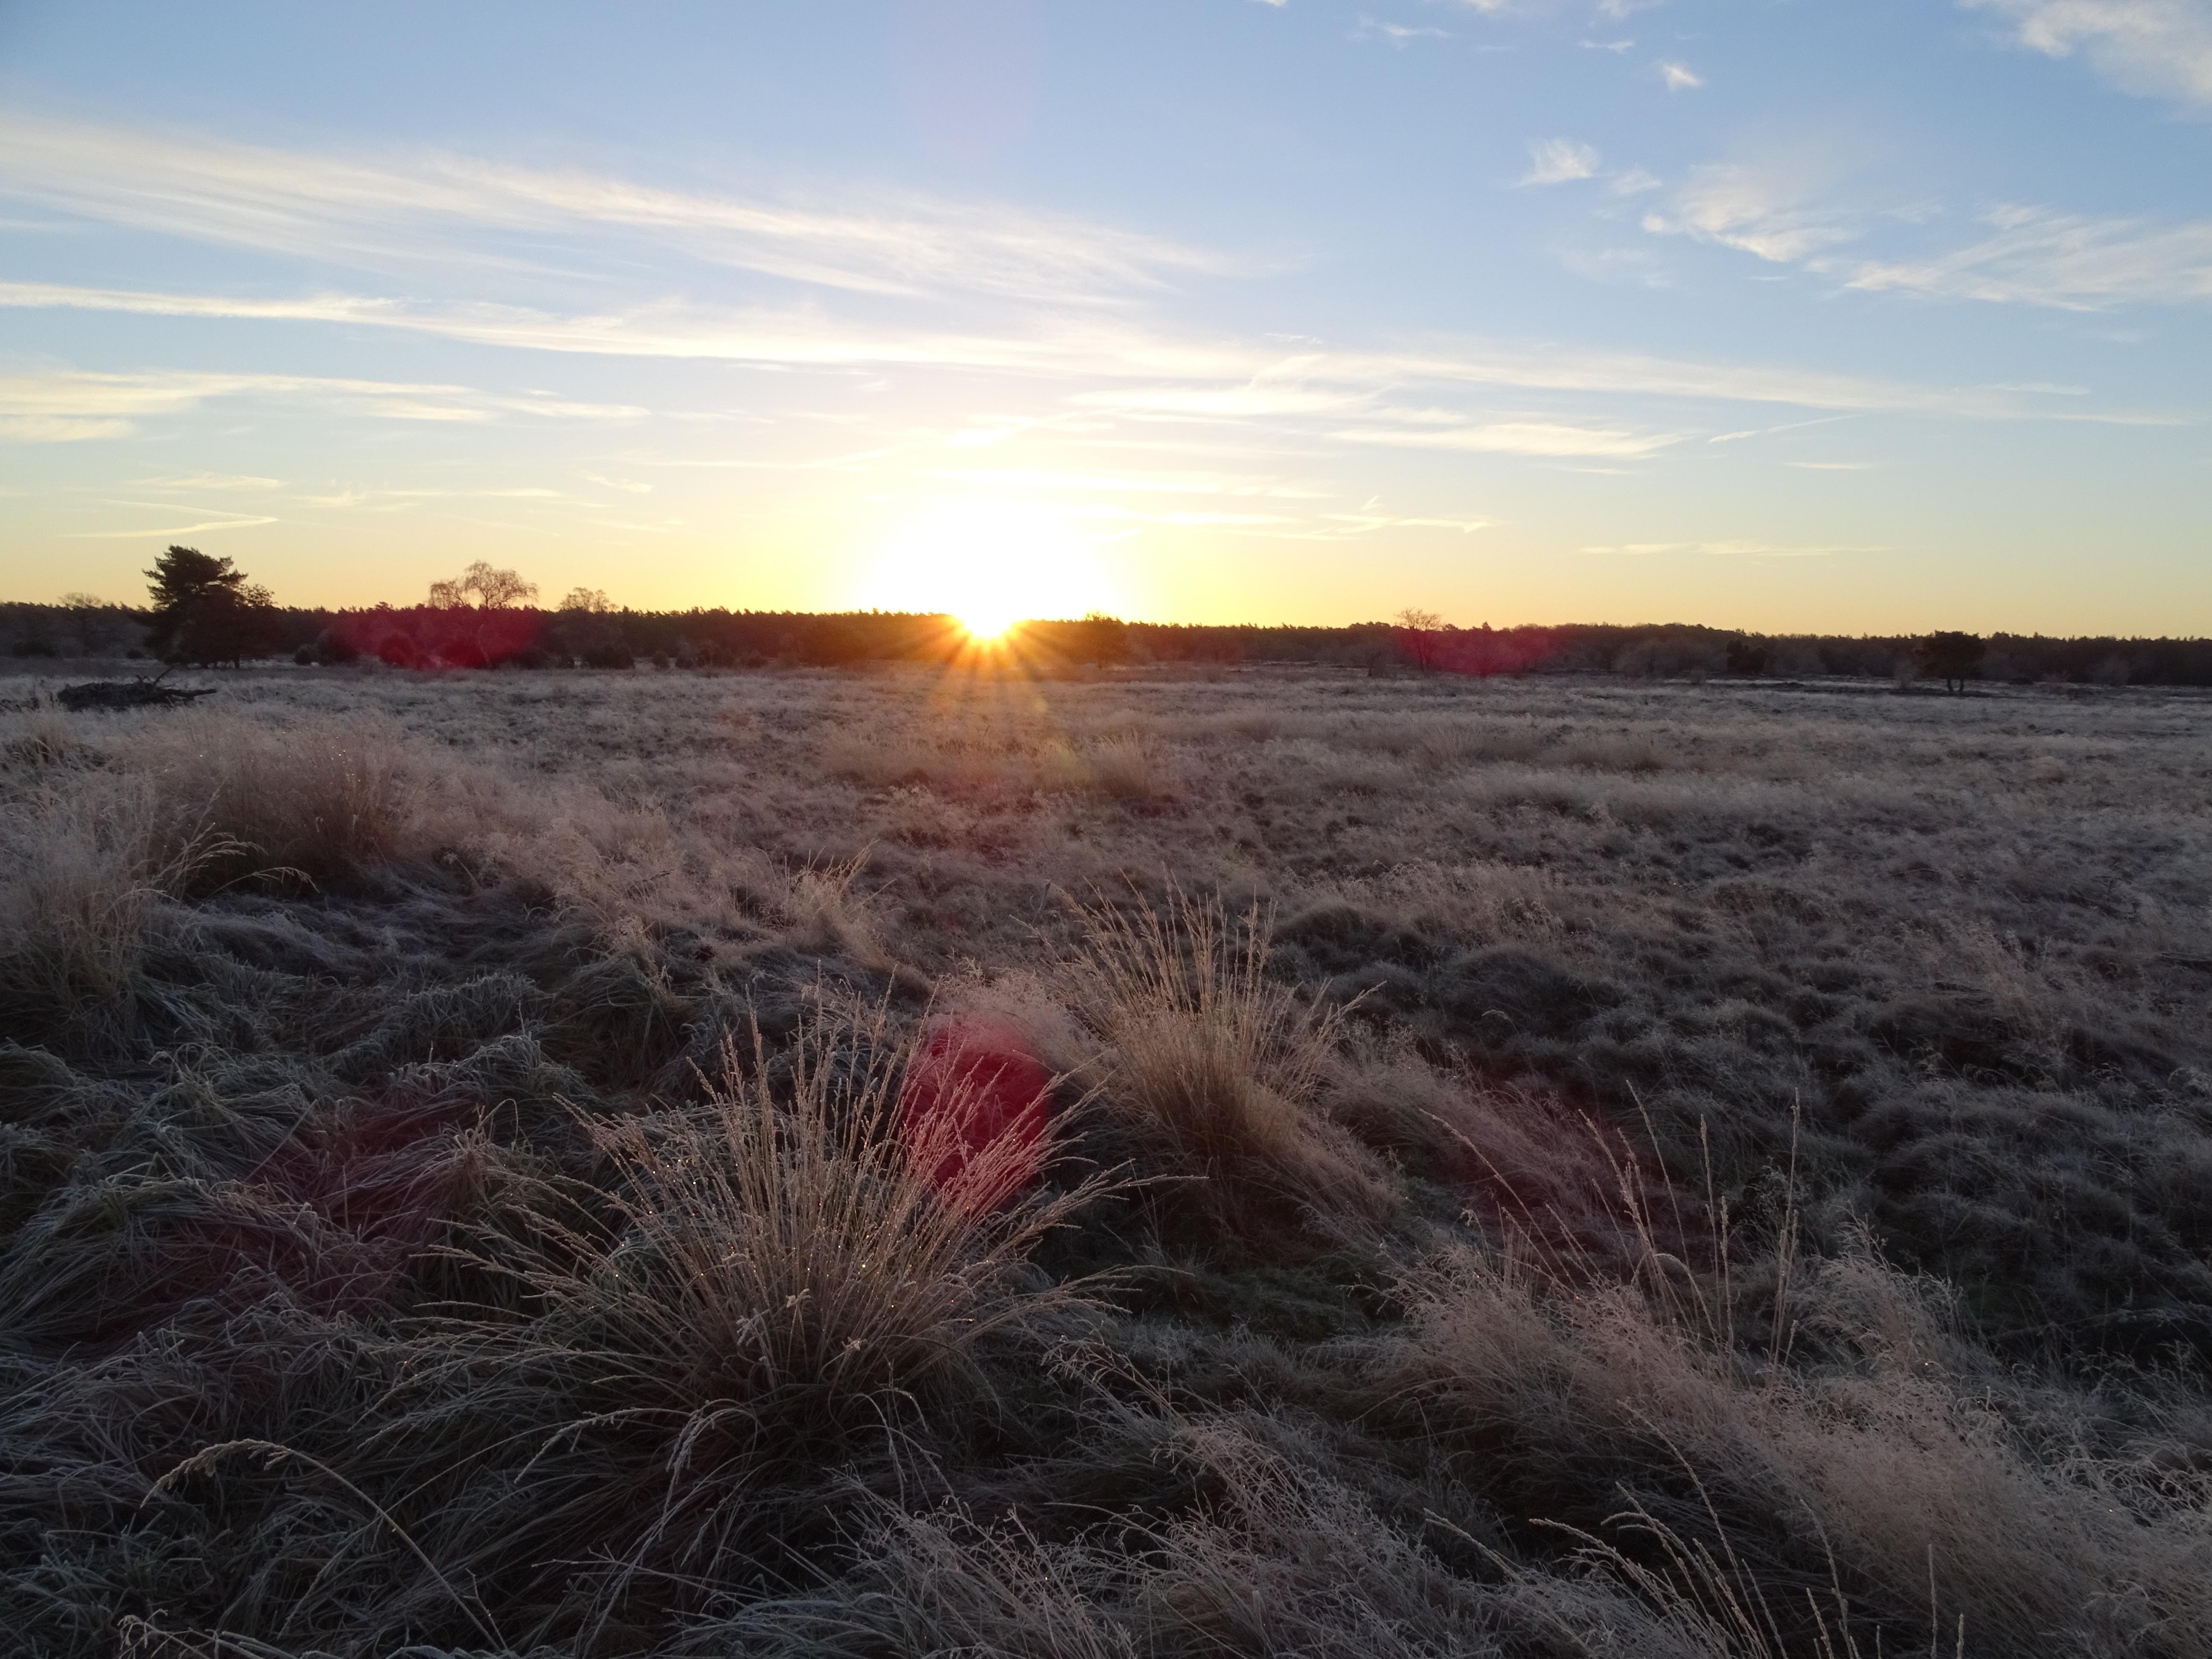 de zon knipoogt naar de witte heide